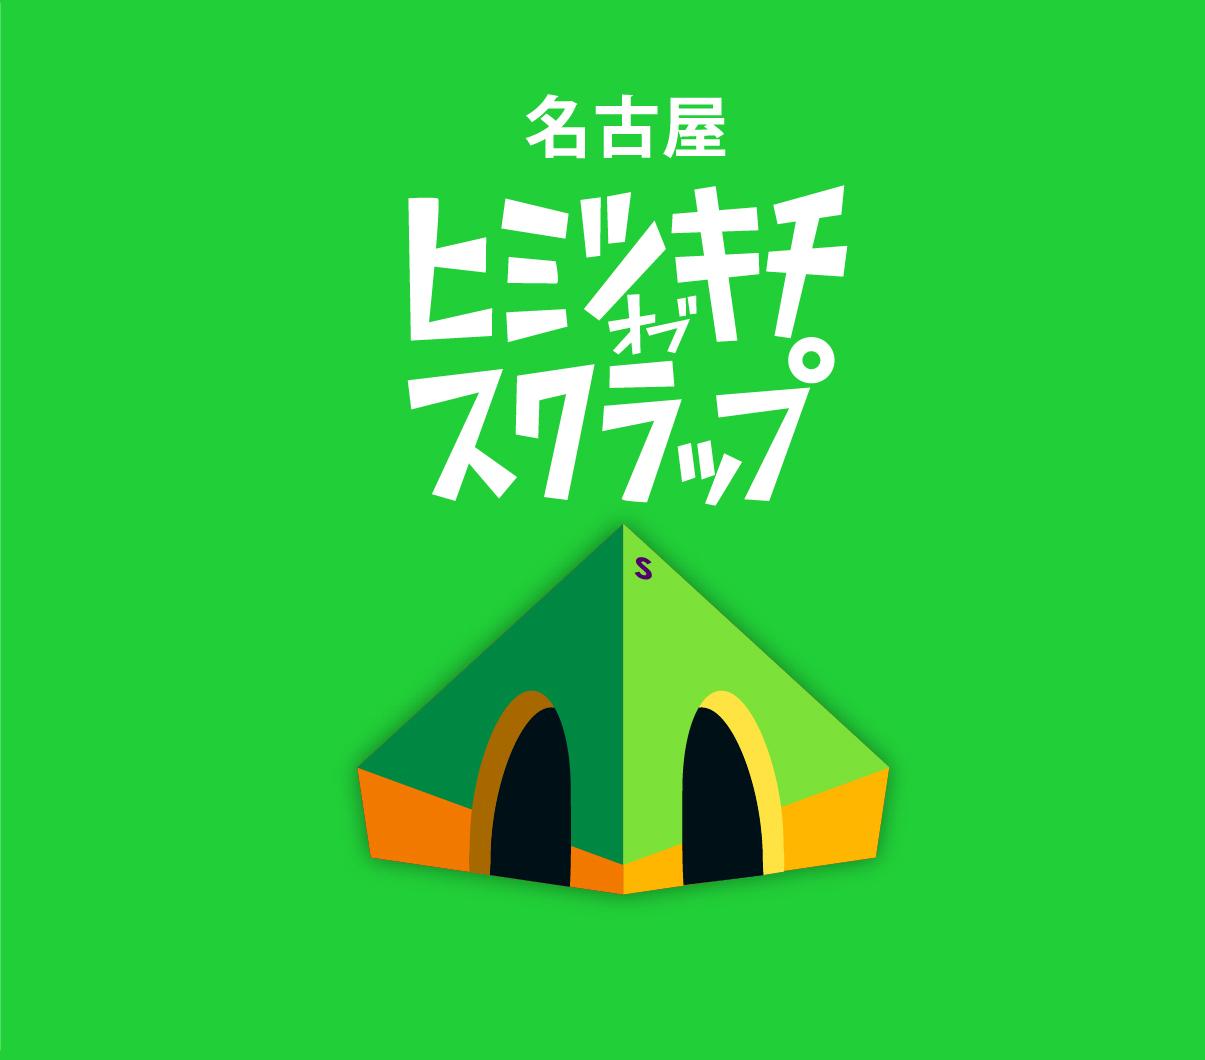 名古屋ヒミツキチオブスクラップ